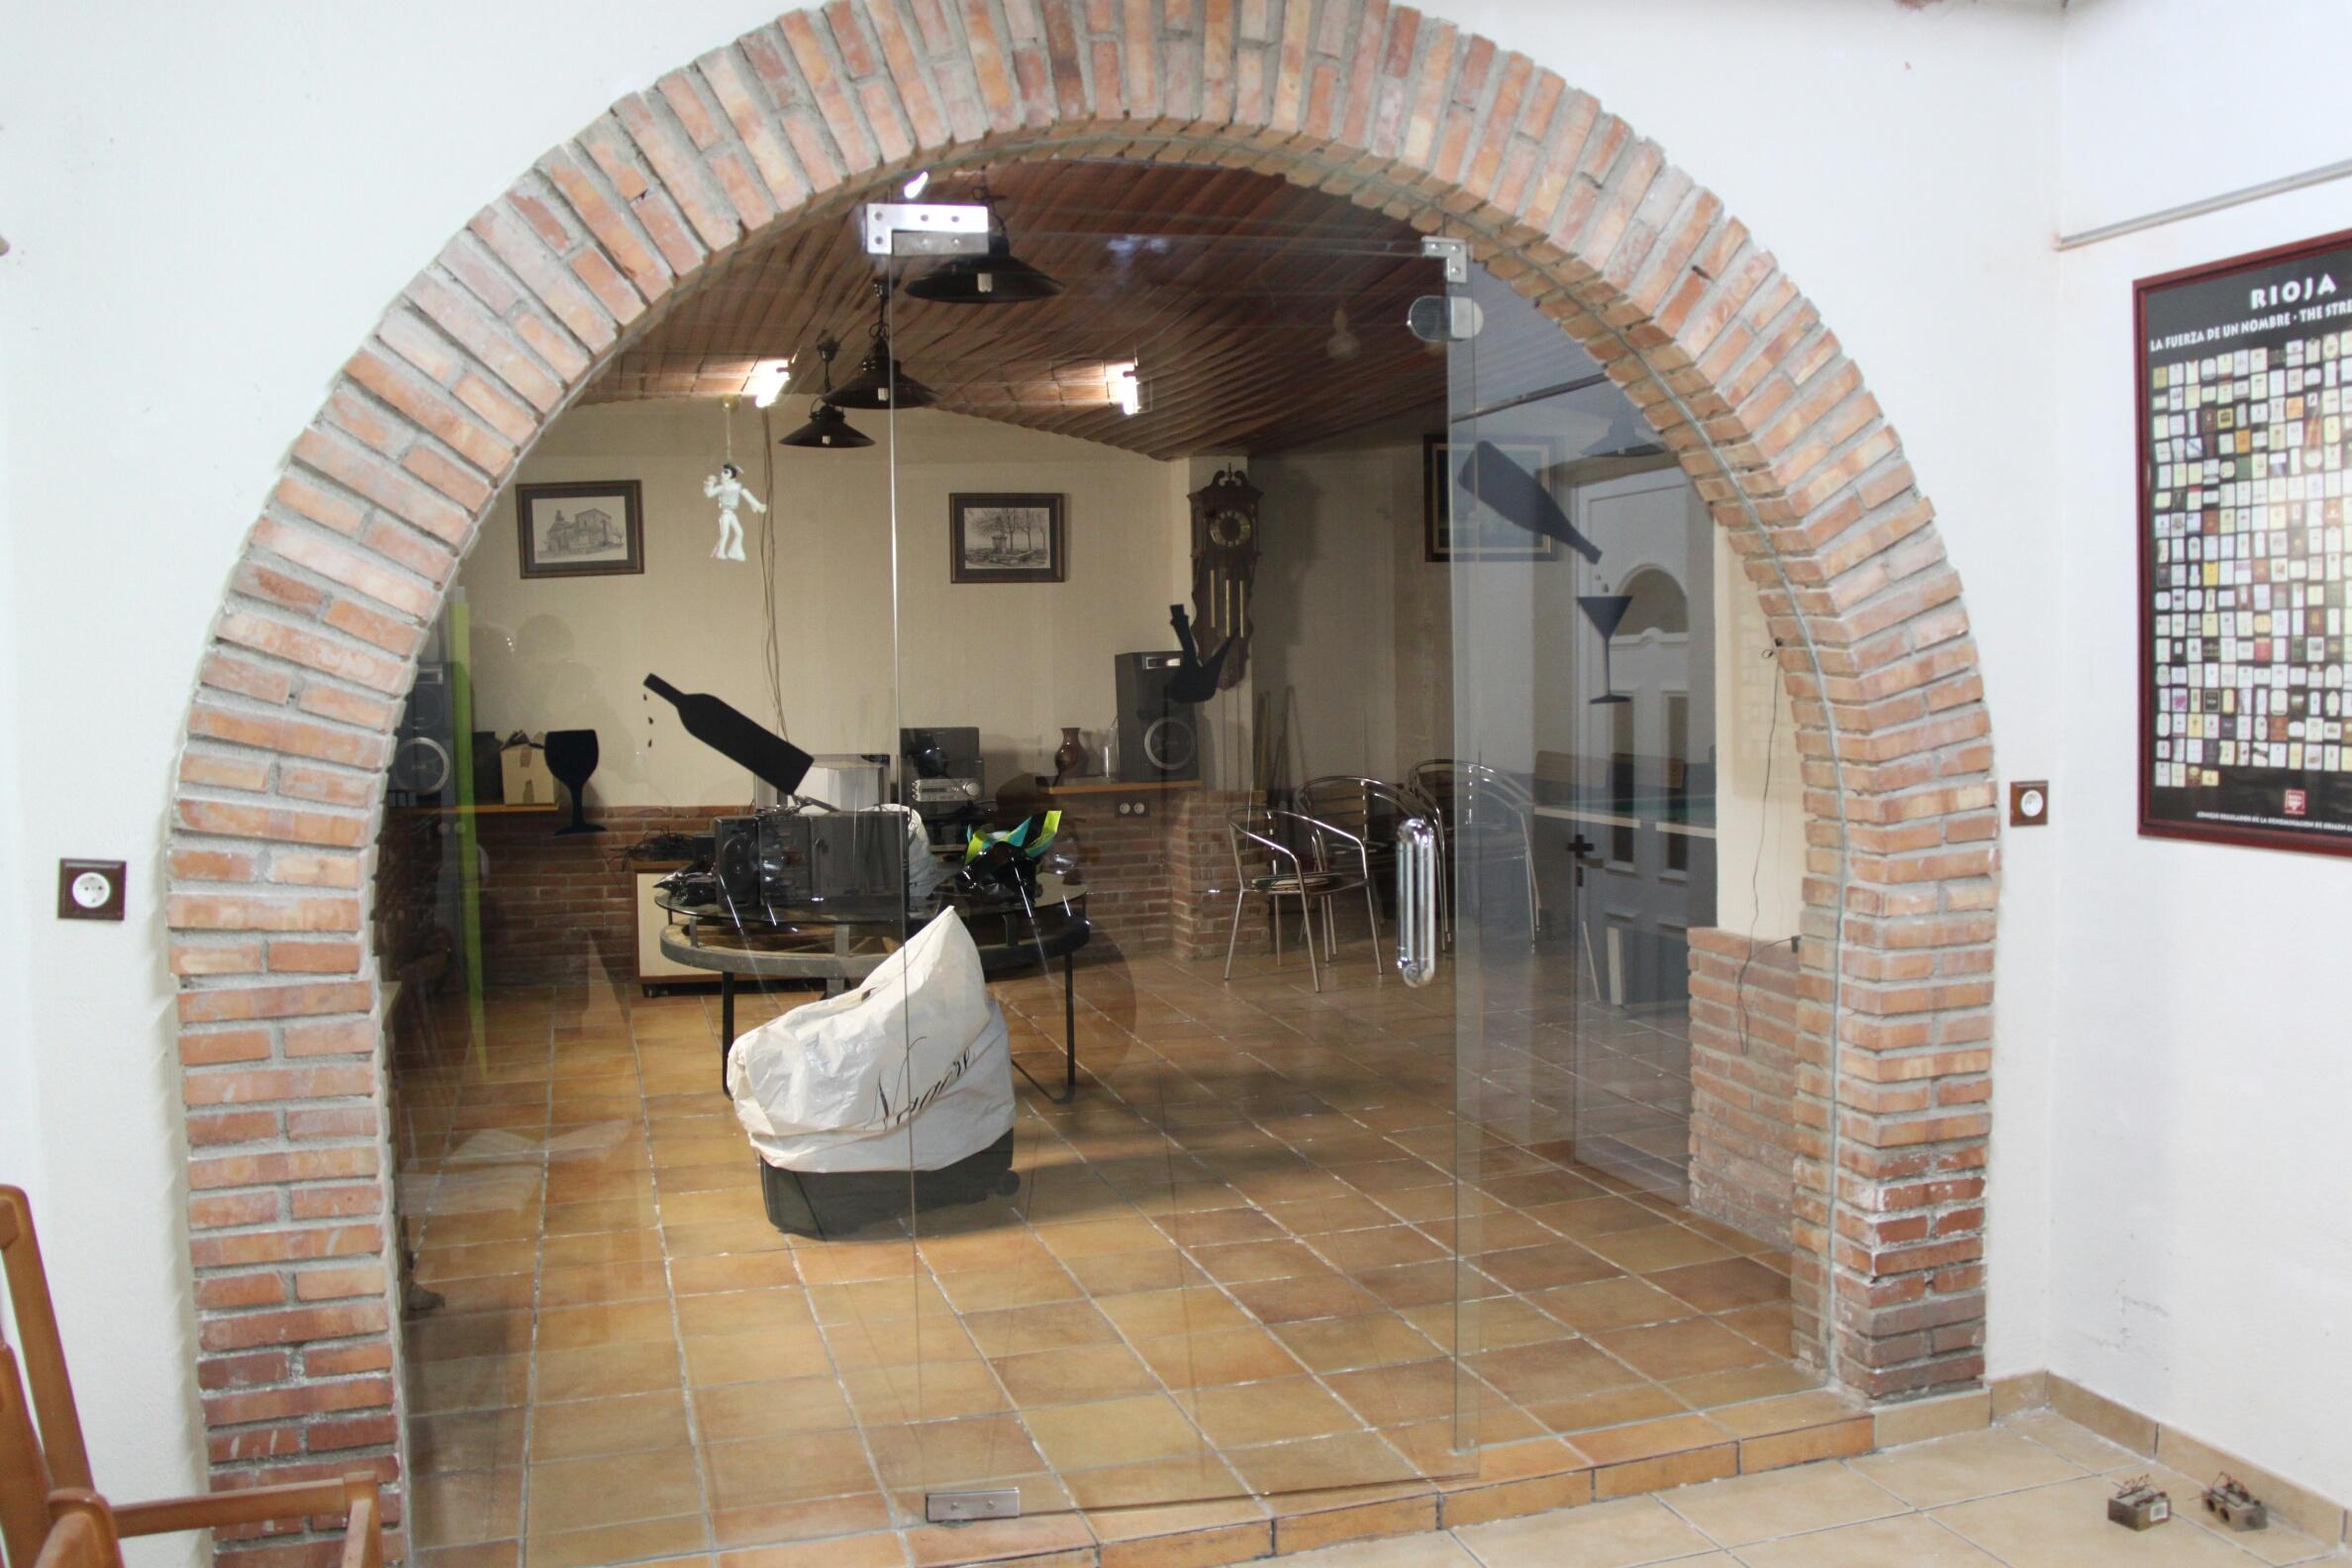 Puerta de vidrio en arco en la bodega de una casa cerca de for Casas con puertas de vidrio